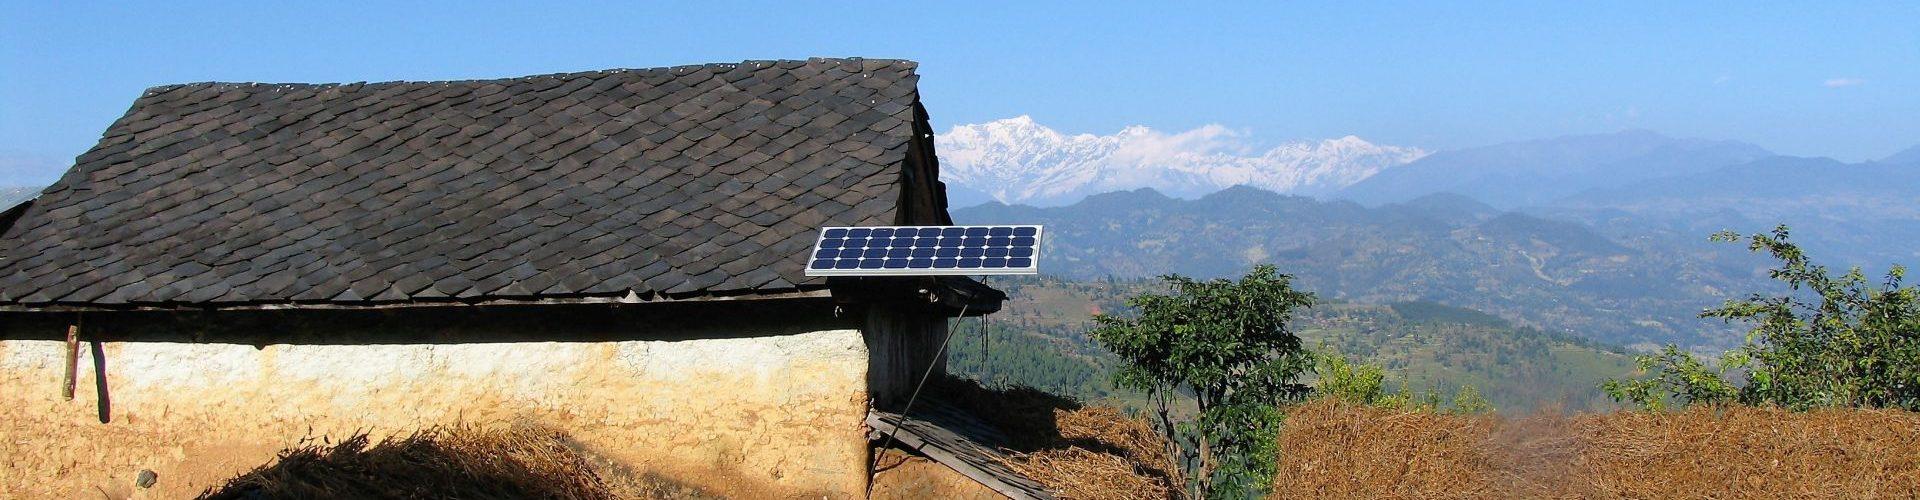 Photovoltaik (PV) Inselanlage in Nepal